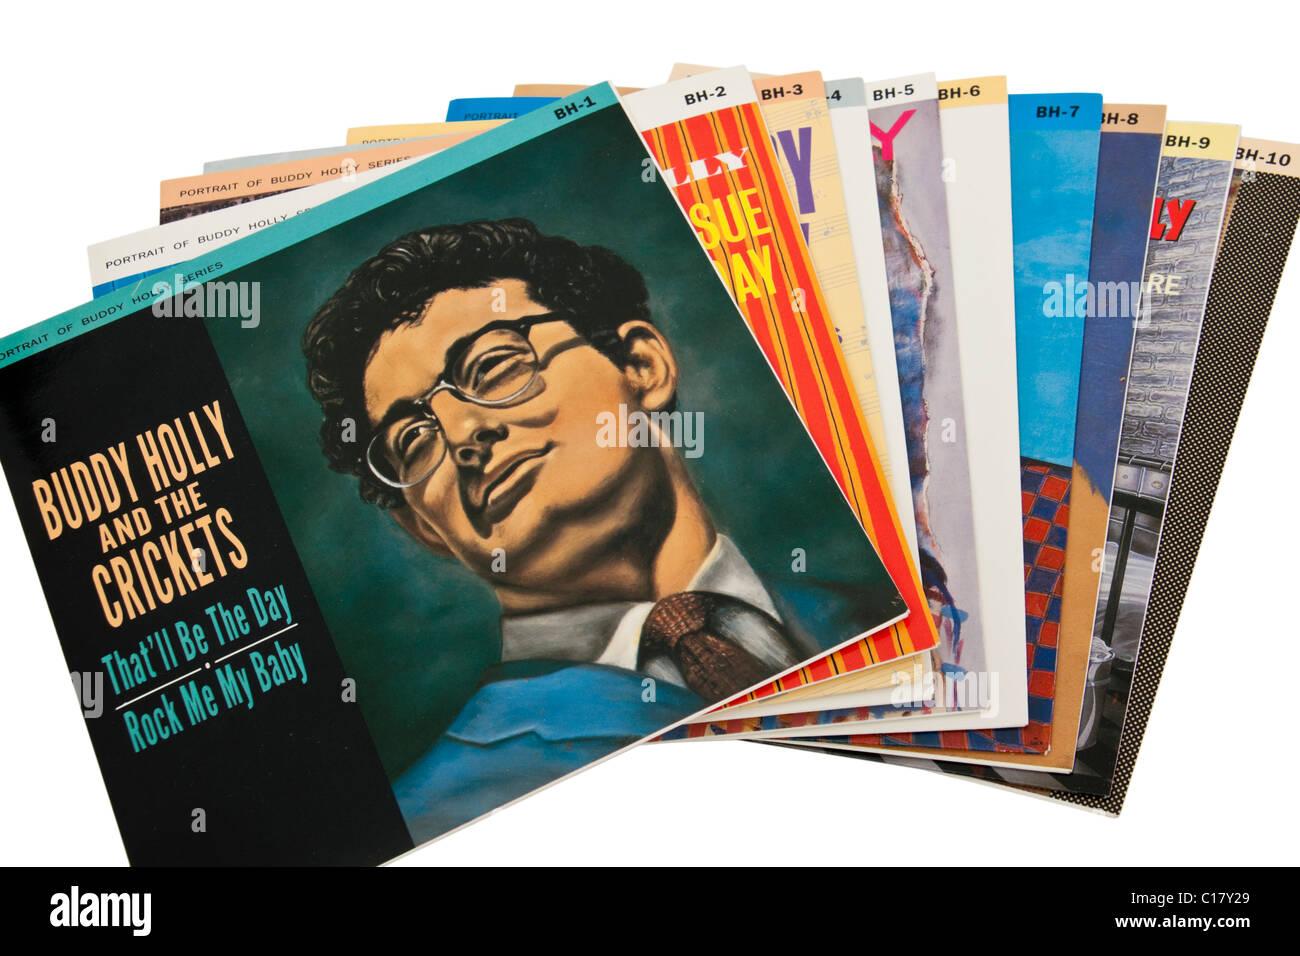 Raccolta di Buddy Holly dischi in vinile / 7' singles / EP Immagini Stock